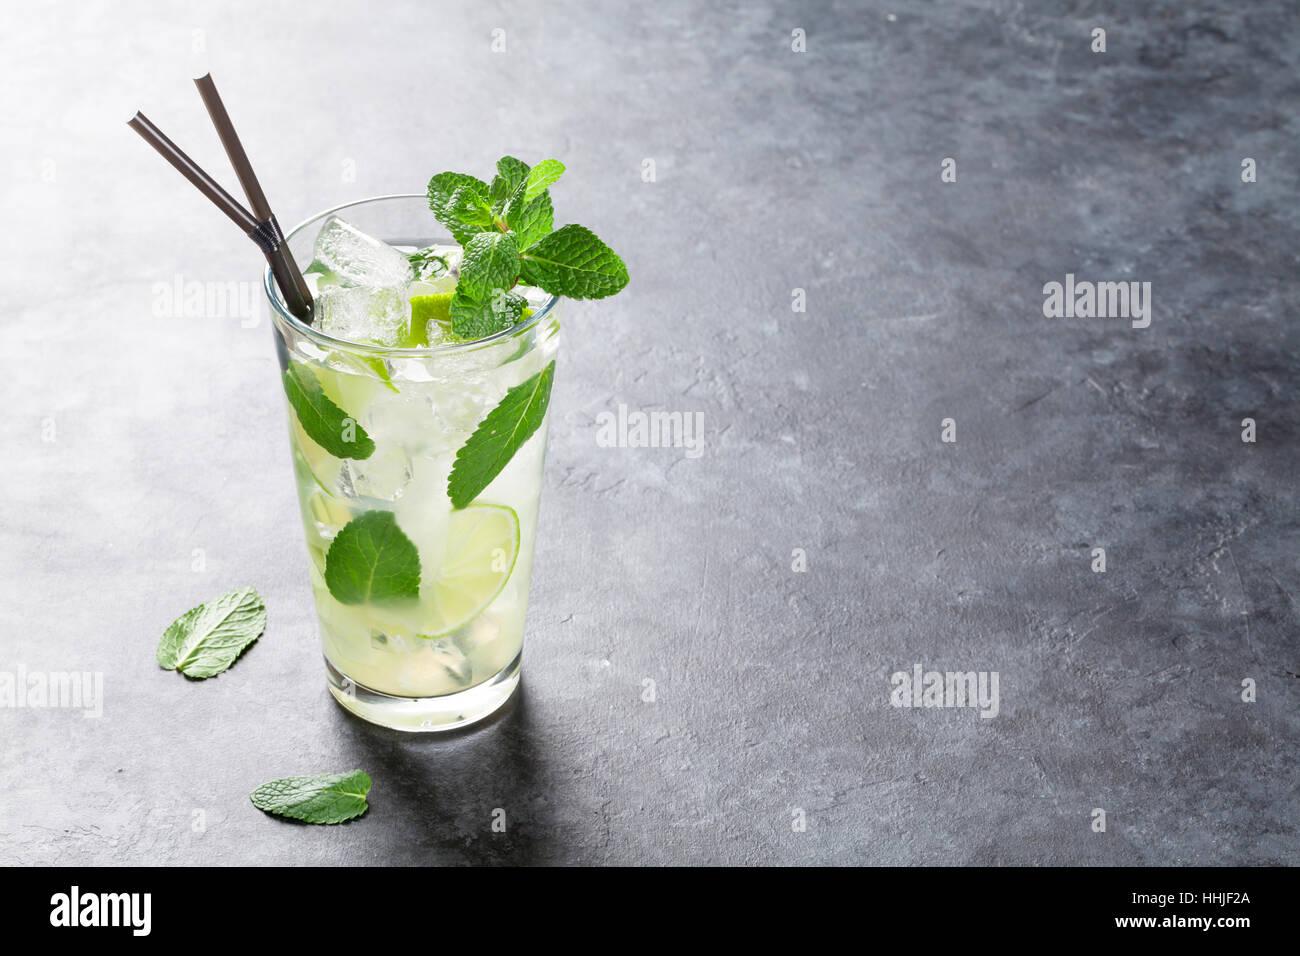 Mojito cocktail sur la table en pierre sombre. Avec l'exemplaire de l'espace pour votre texte Photo Stock